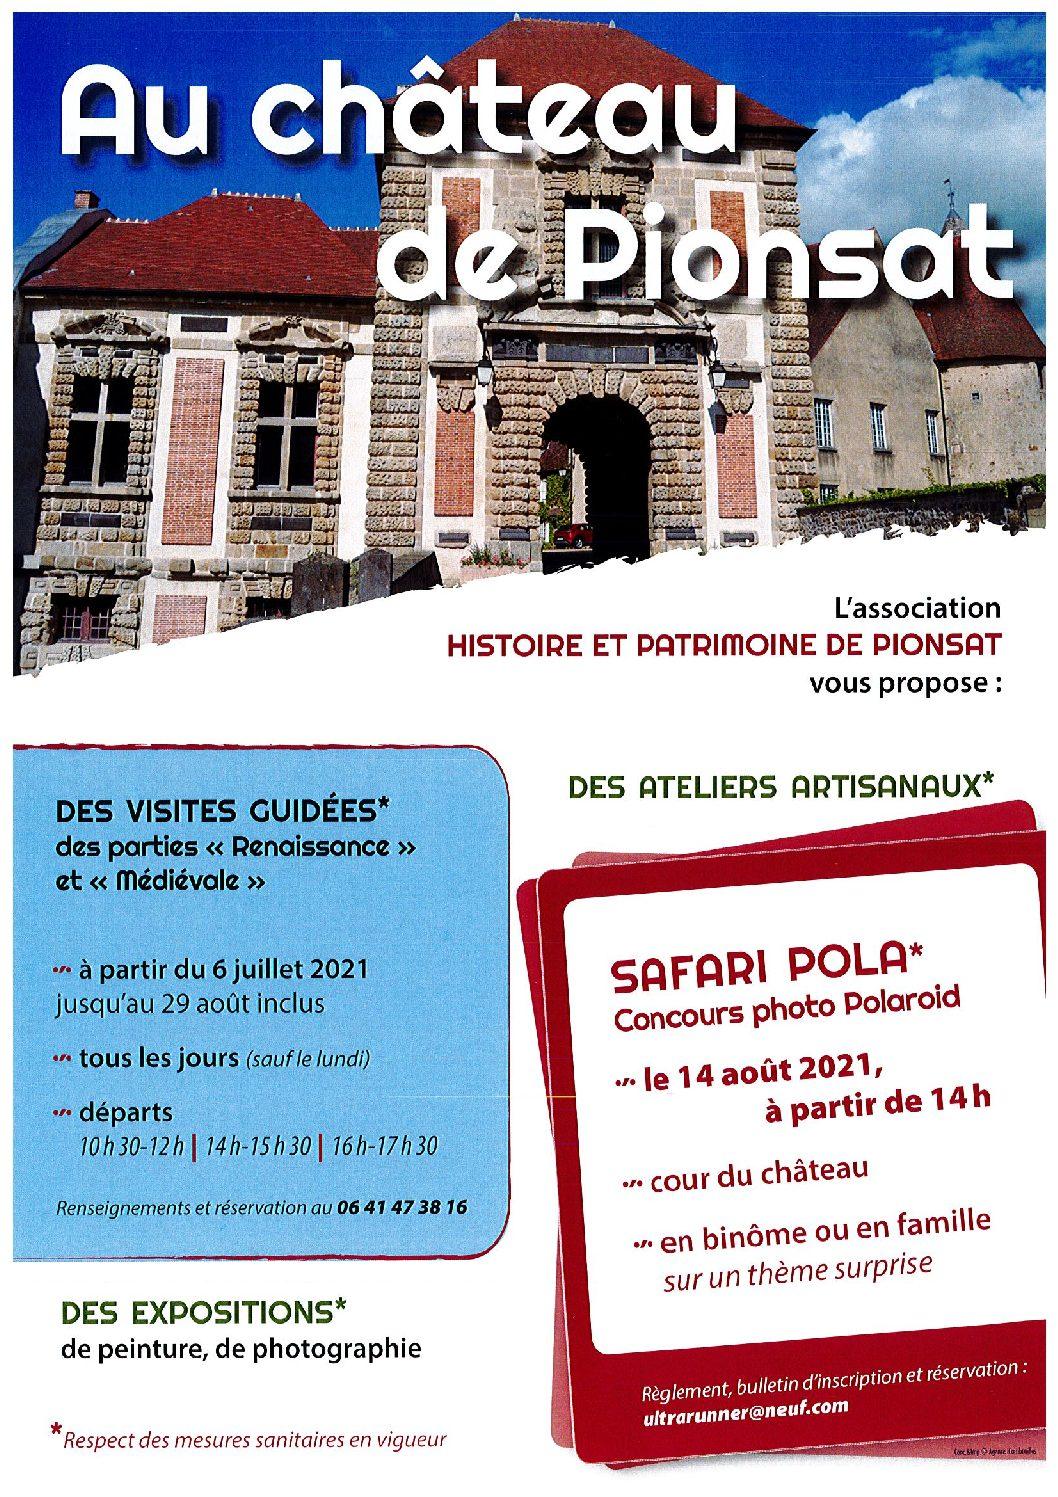 FESTIVITES AU CHATEAU DE PIONSAT